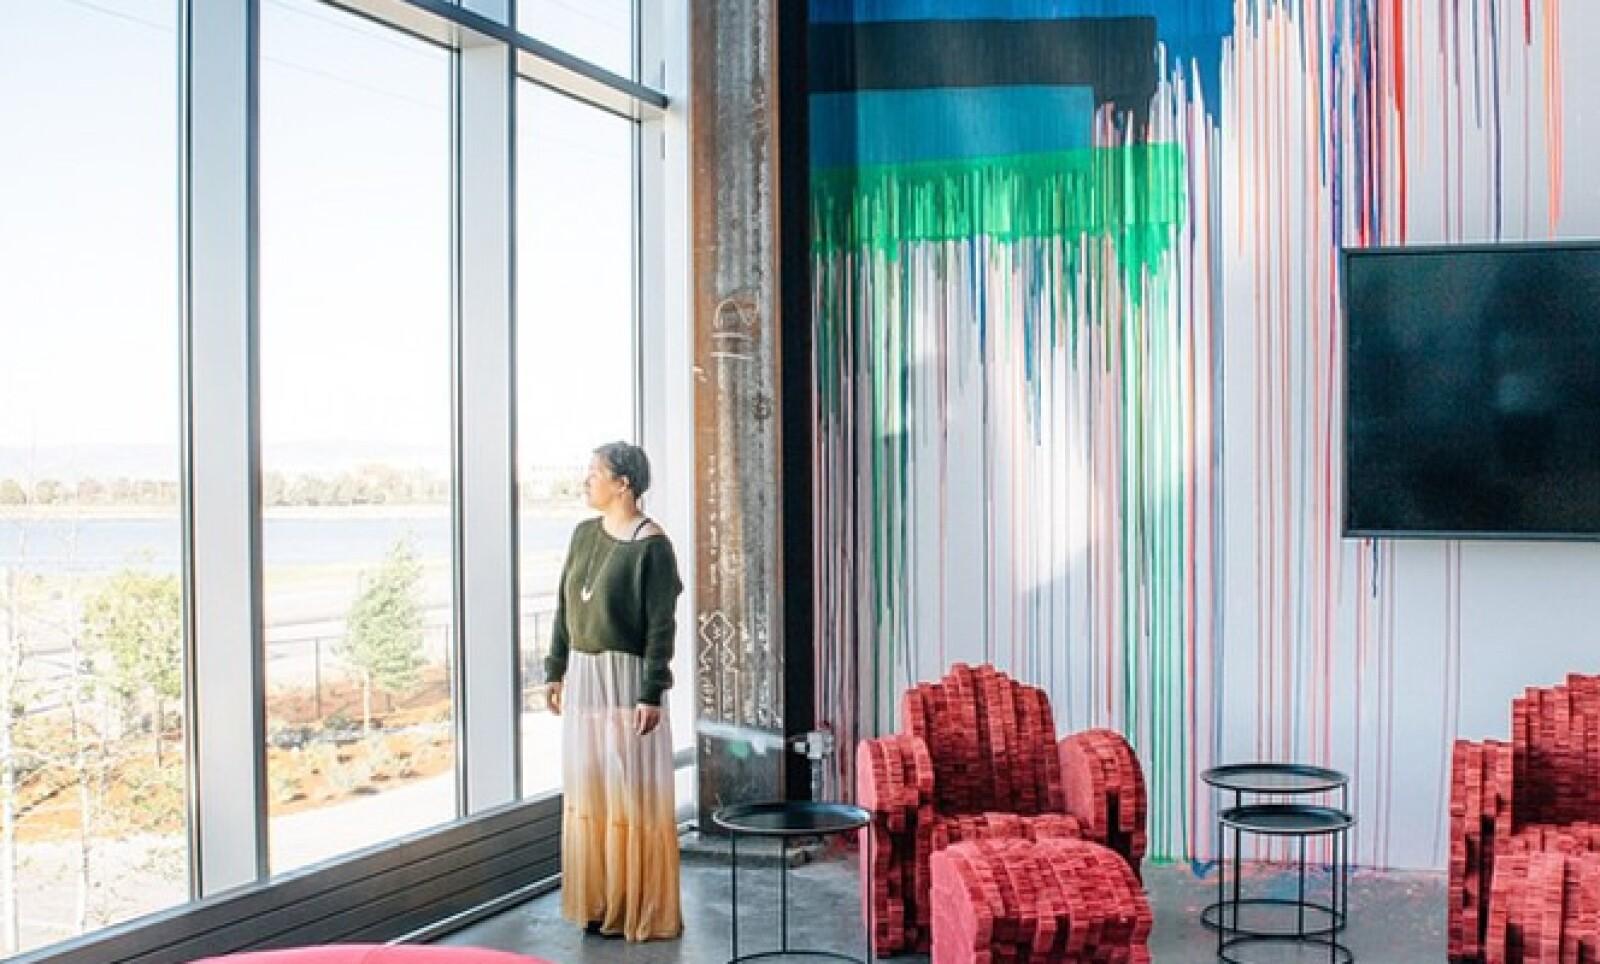 El lugar busca hacer sentir a los visitantes todo lo que falta por hacer para conectar al mundo.